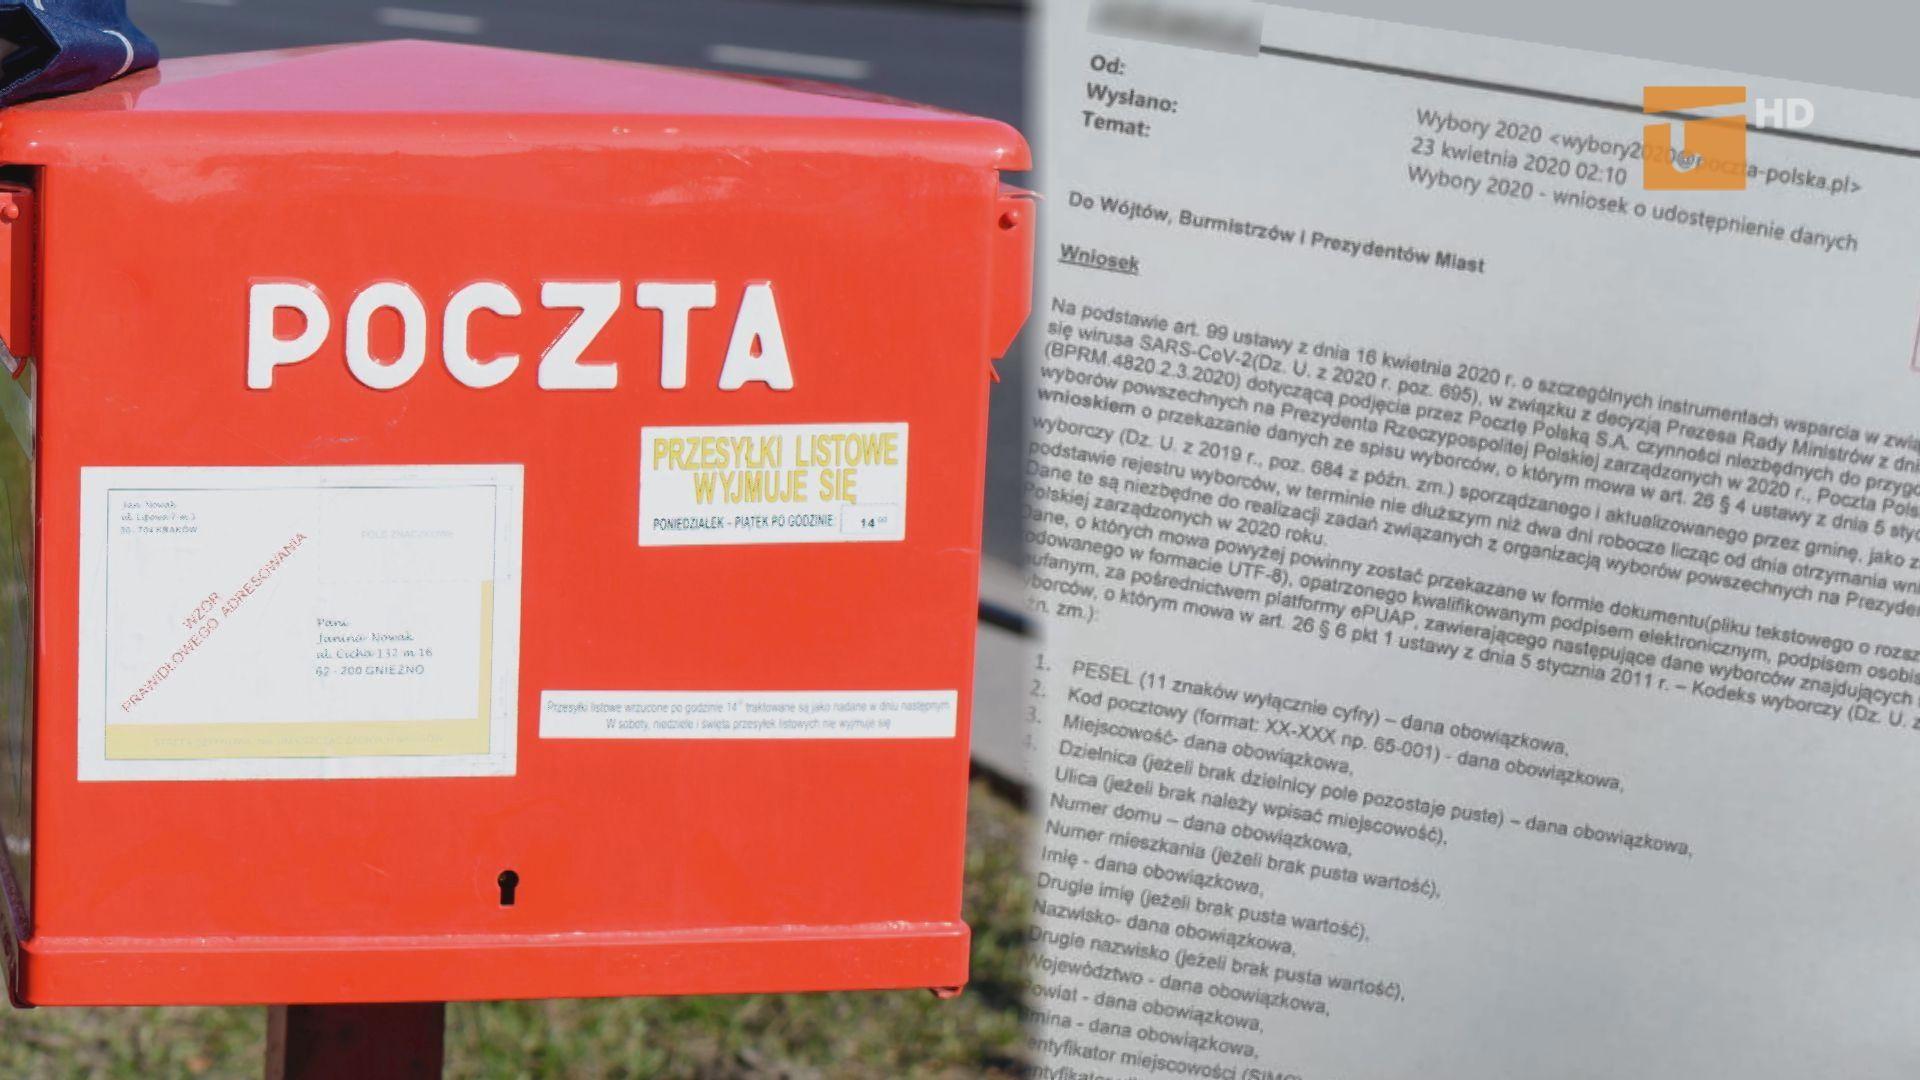 Poczta chciała wyłudzić dane wyborców